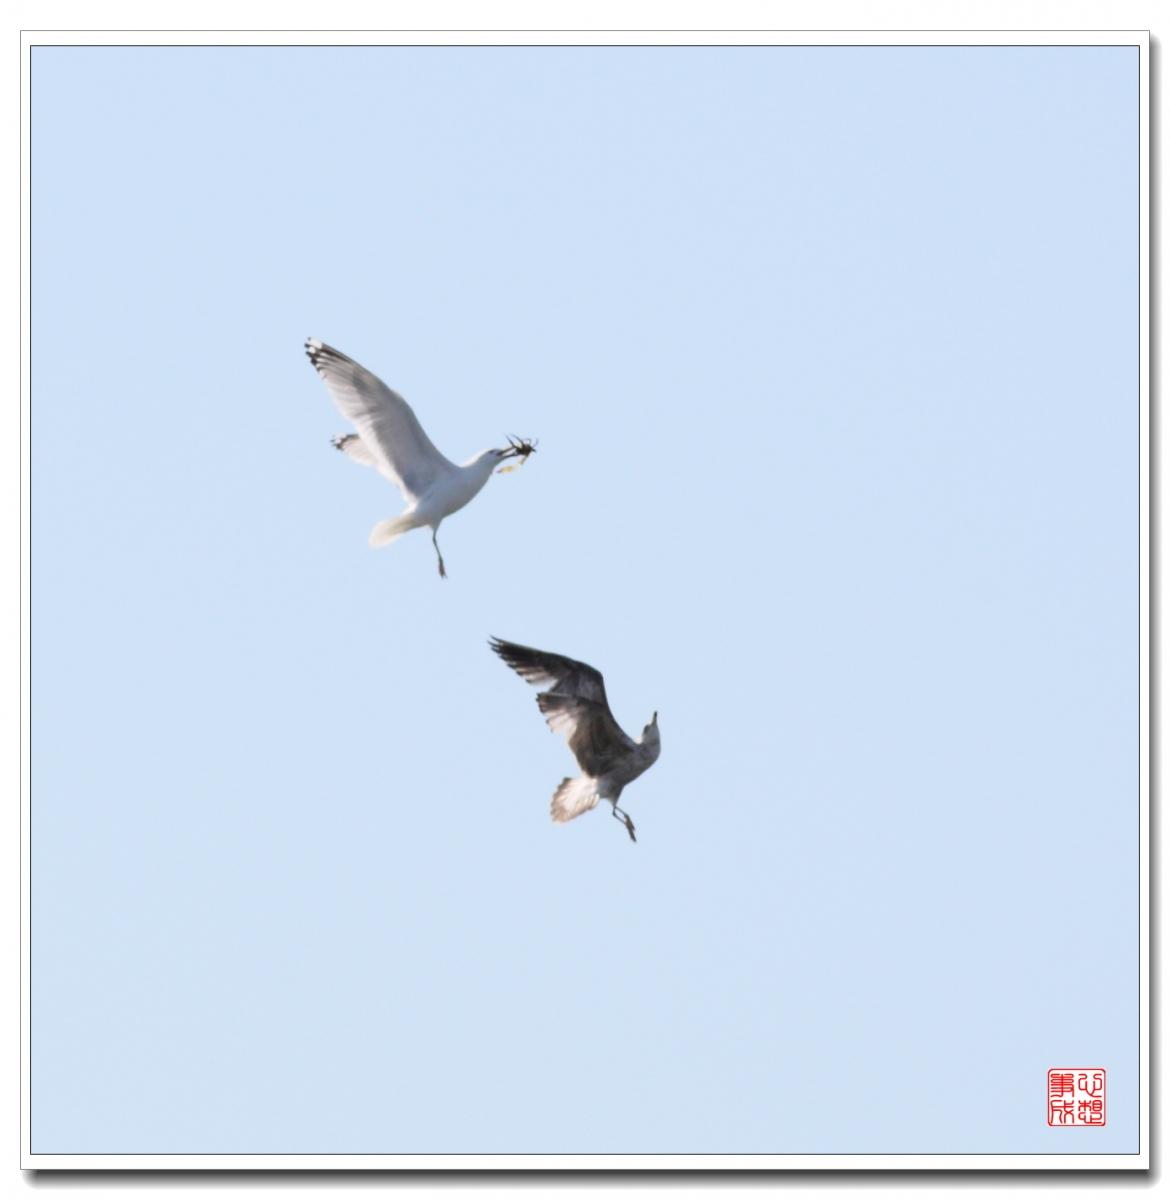 【心想事成】空中表演-海鸥_图1-18